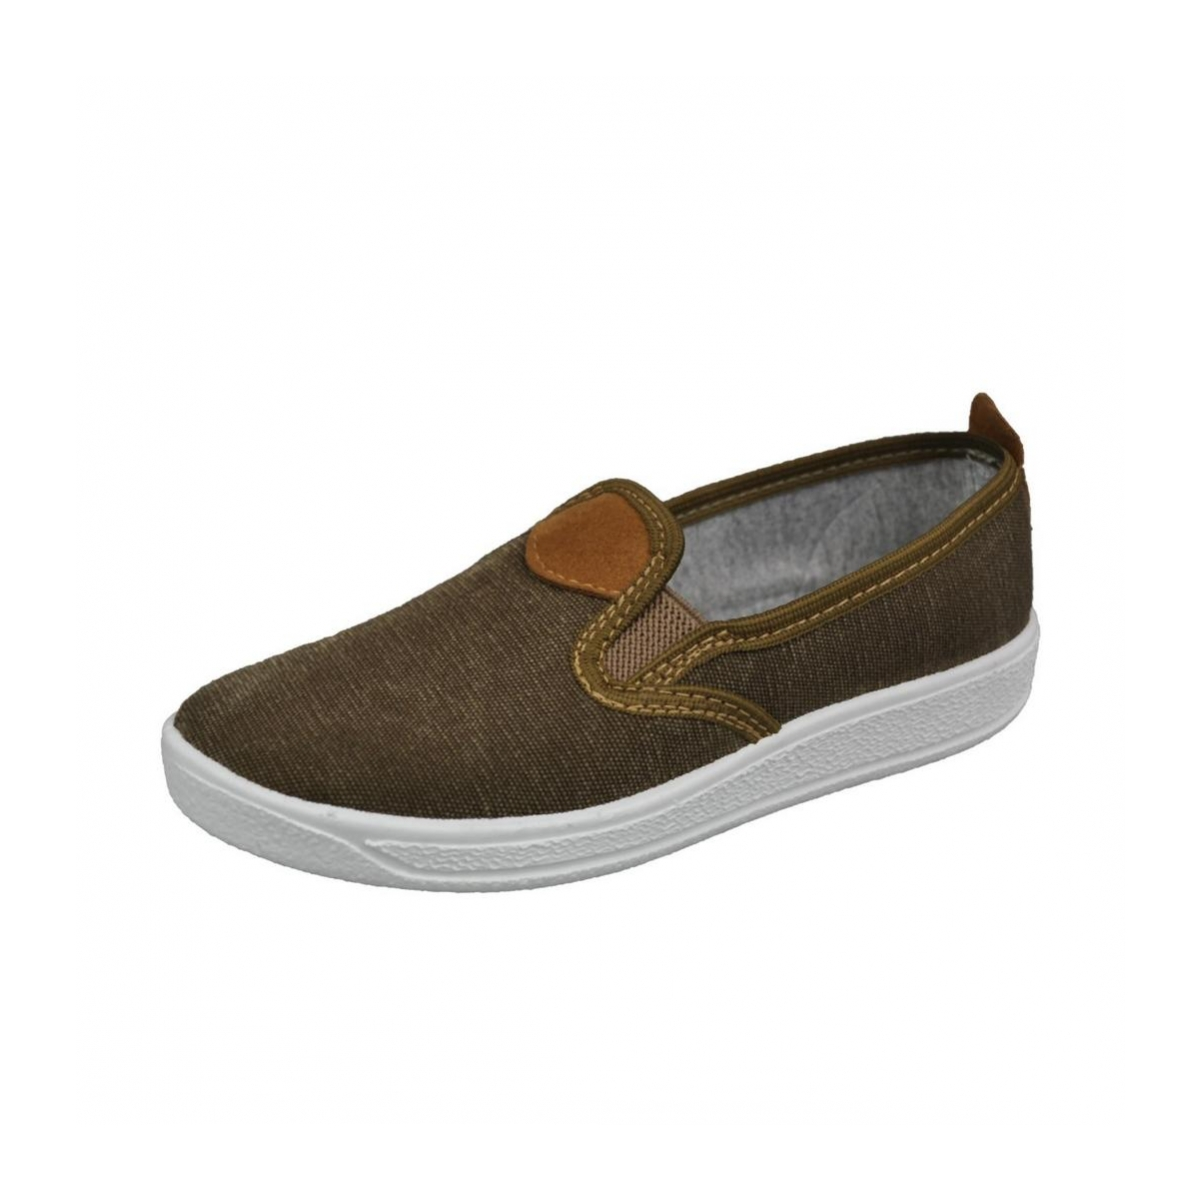 a1c033276 Detské hnedé topánky RÓBERT   Johnc.sk